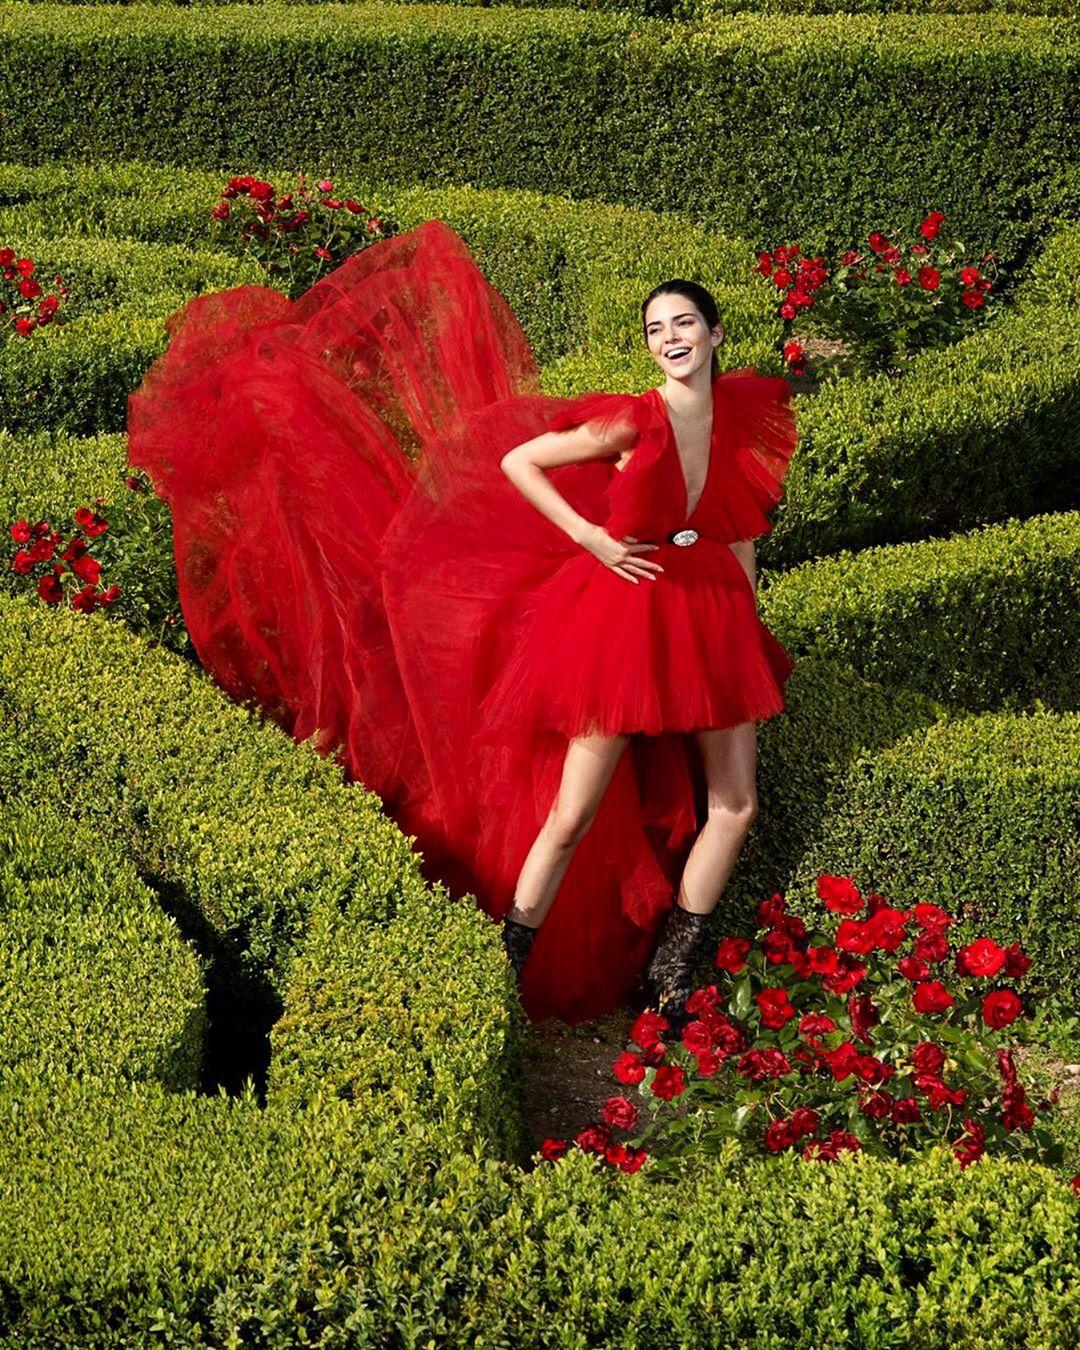 Kendall Jenner en un jardín con flores rojas, luciendo el vestido de Giambattista Valli en colaboración con H&M.